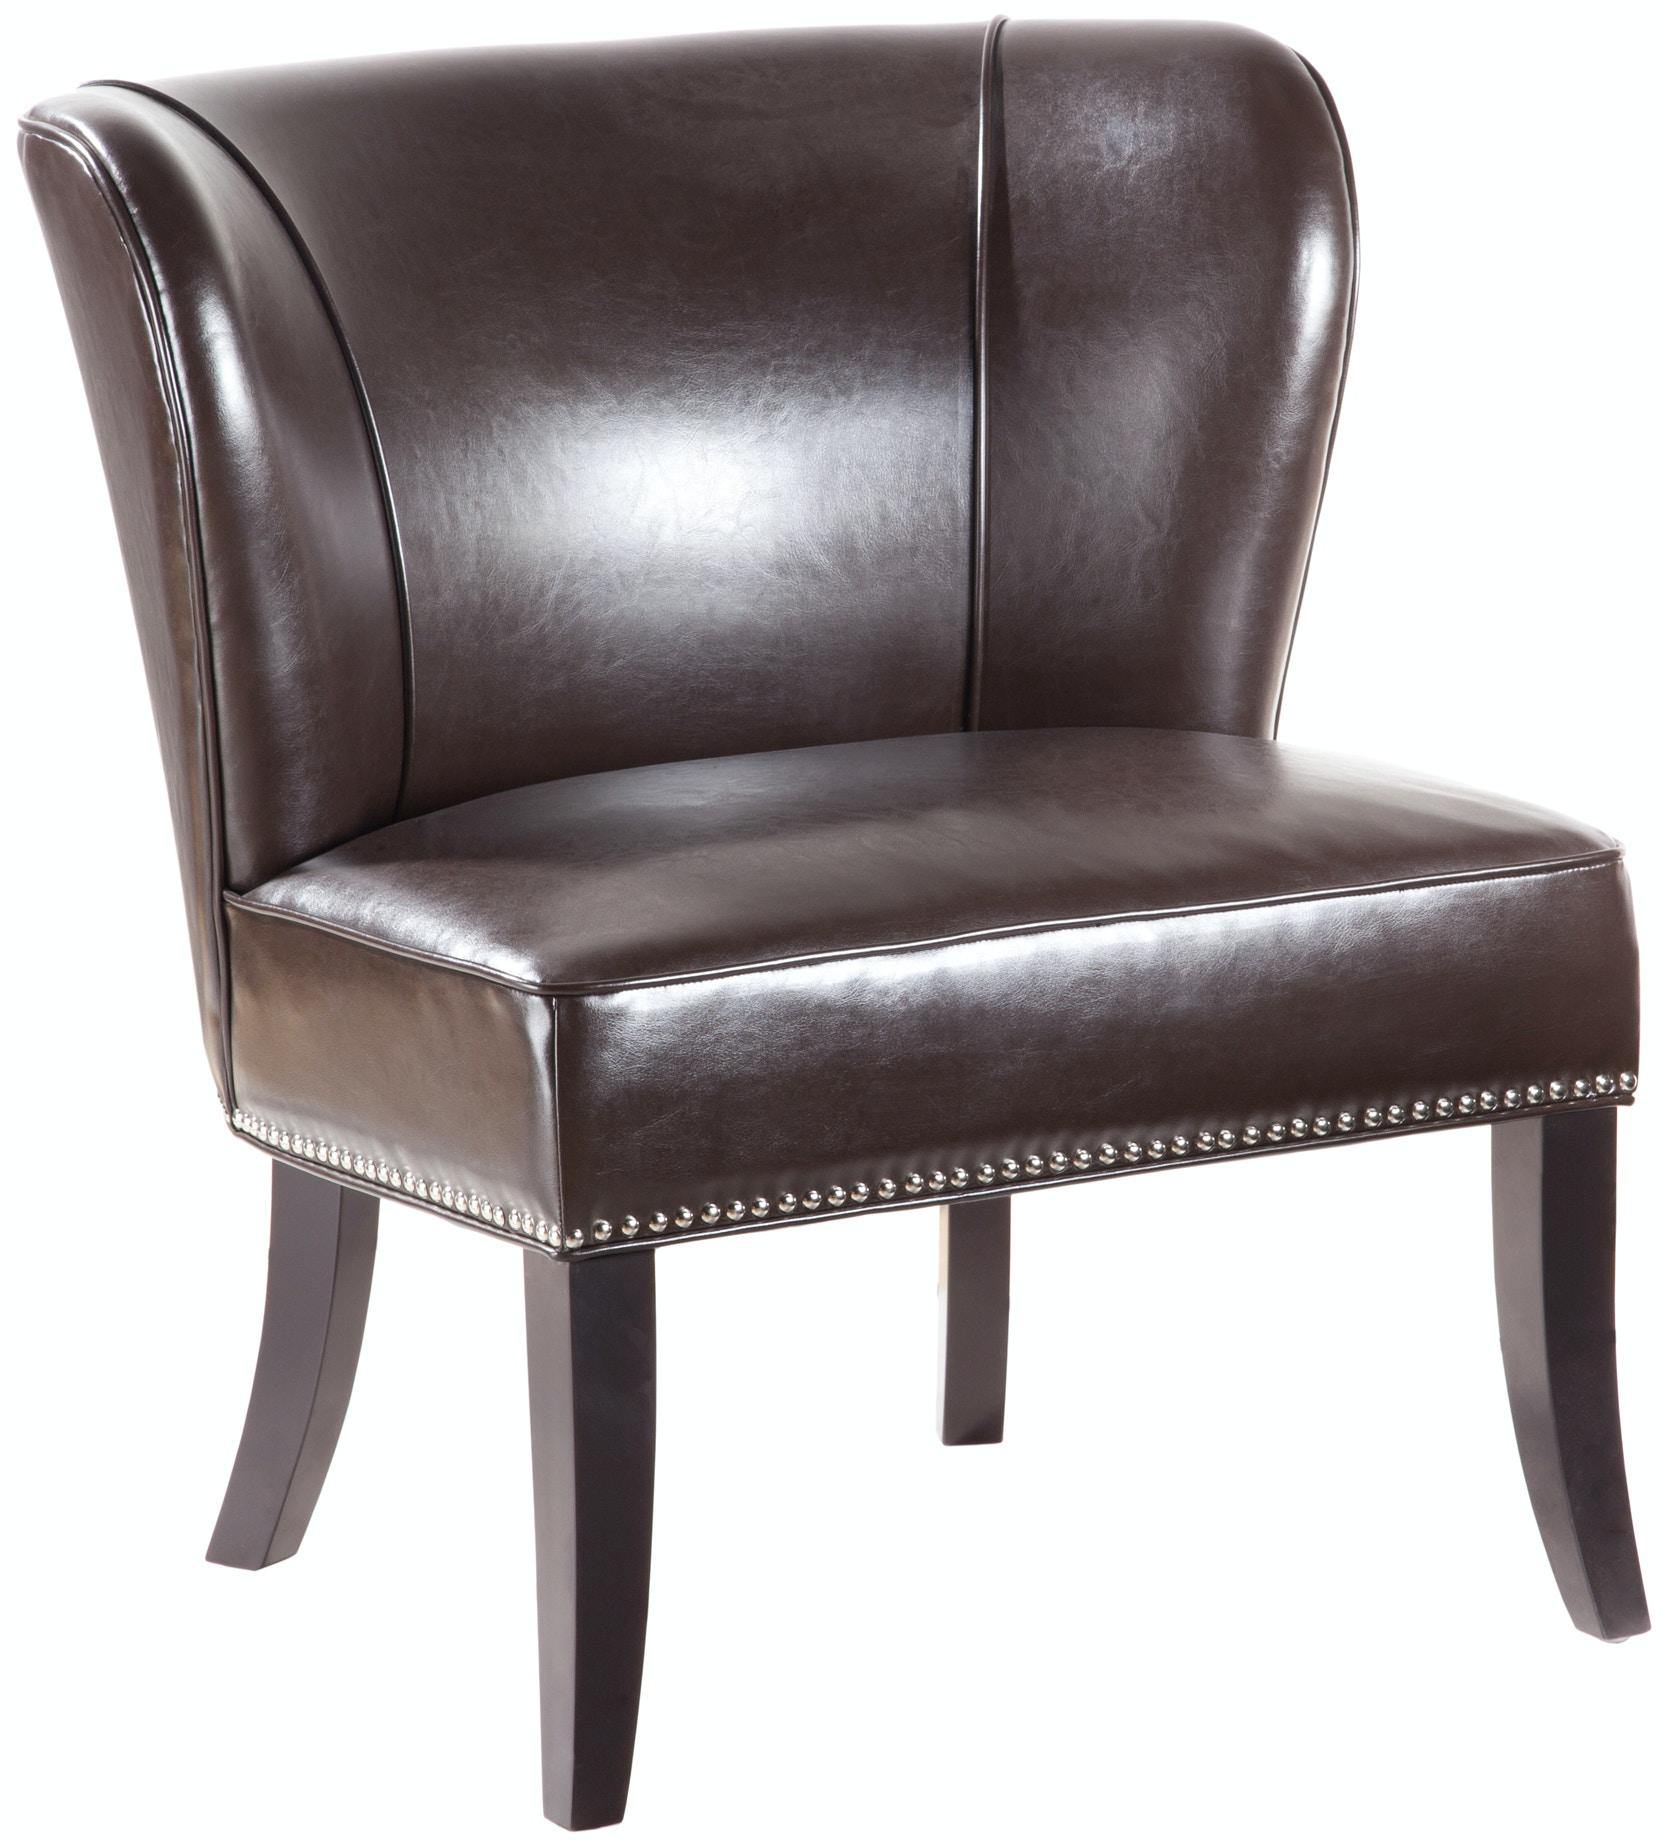 hilton armless accent chair brown